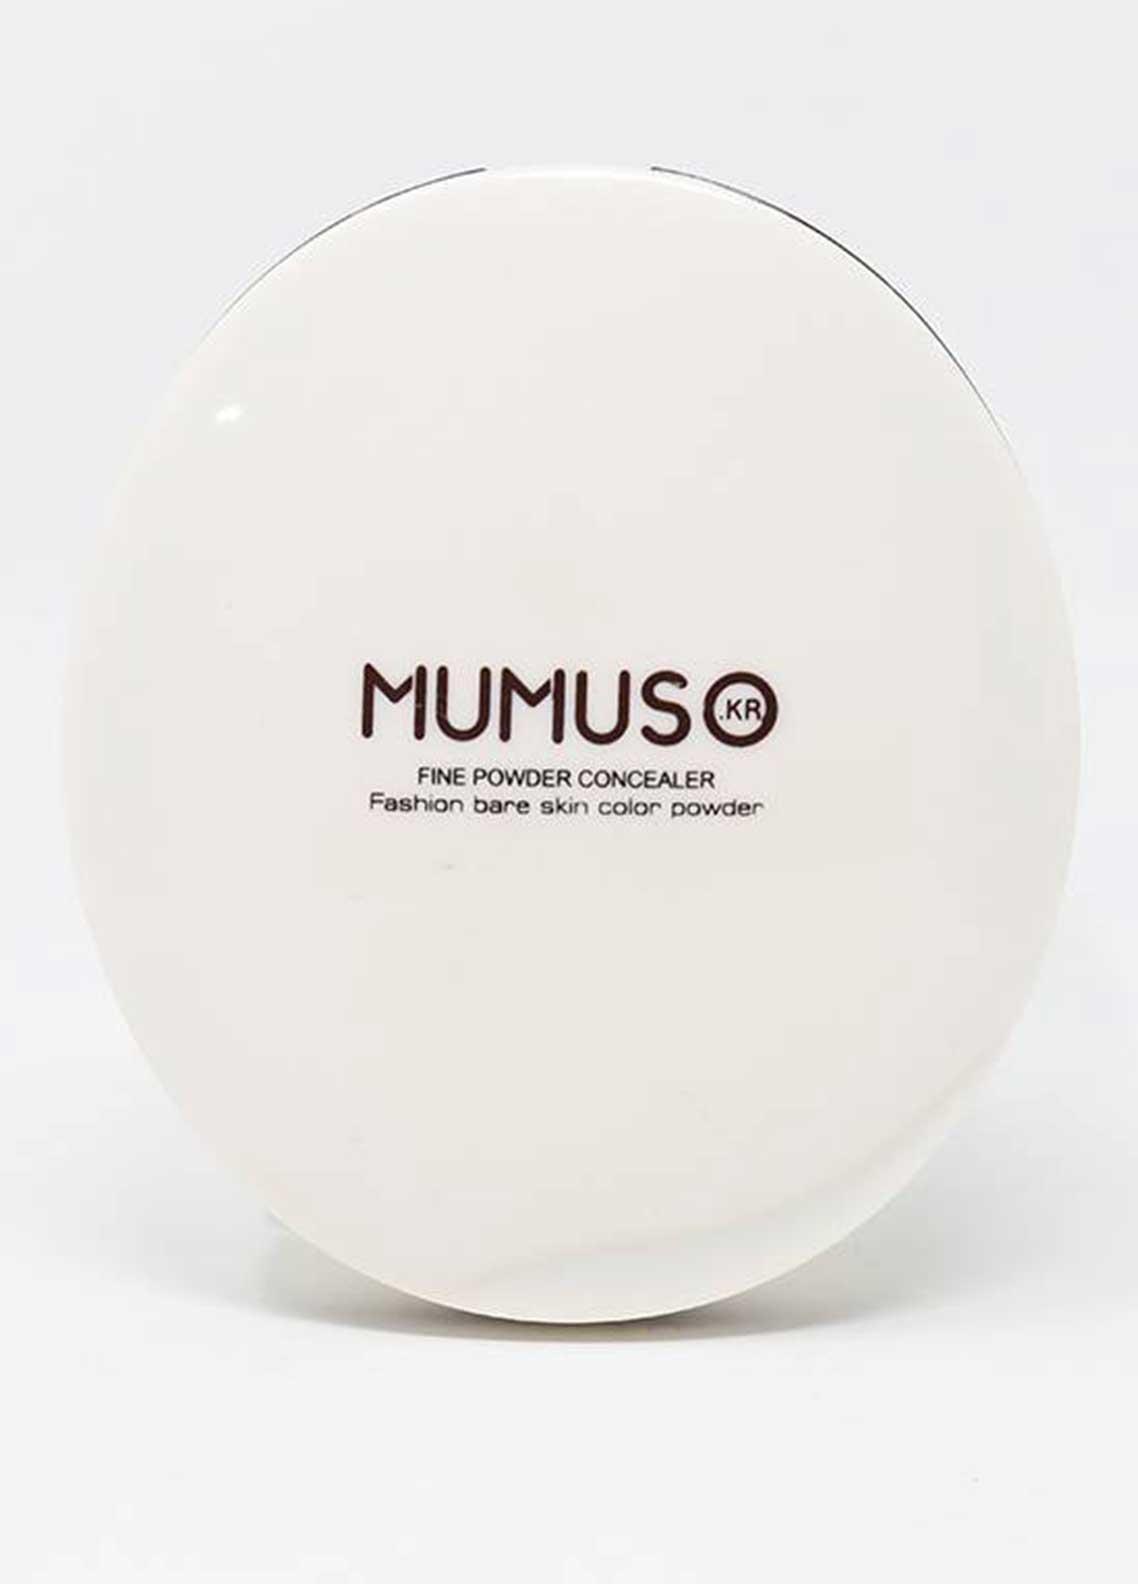 Mumuso FINE POWDER CONCEALER (NO-01)